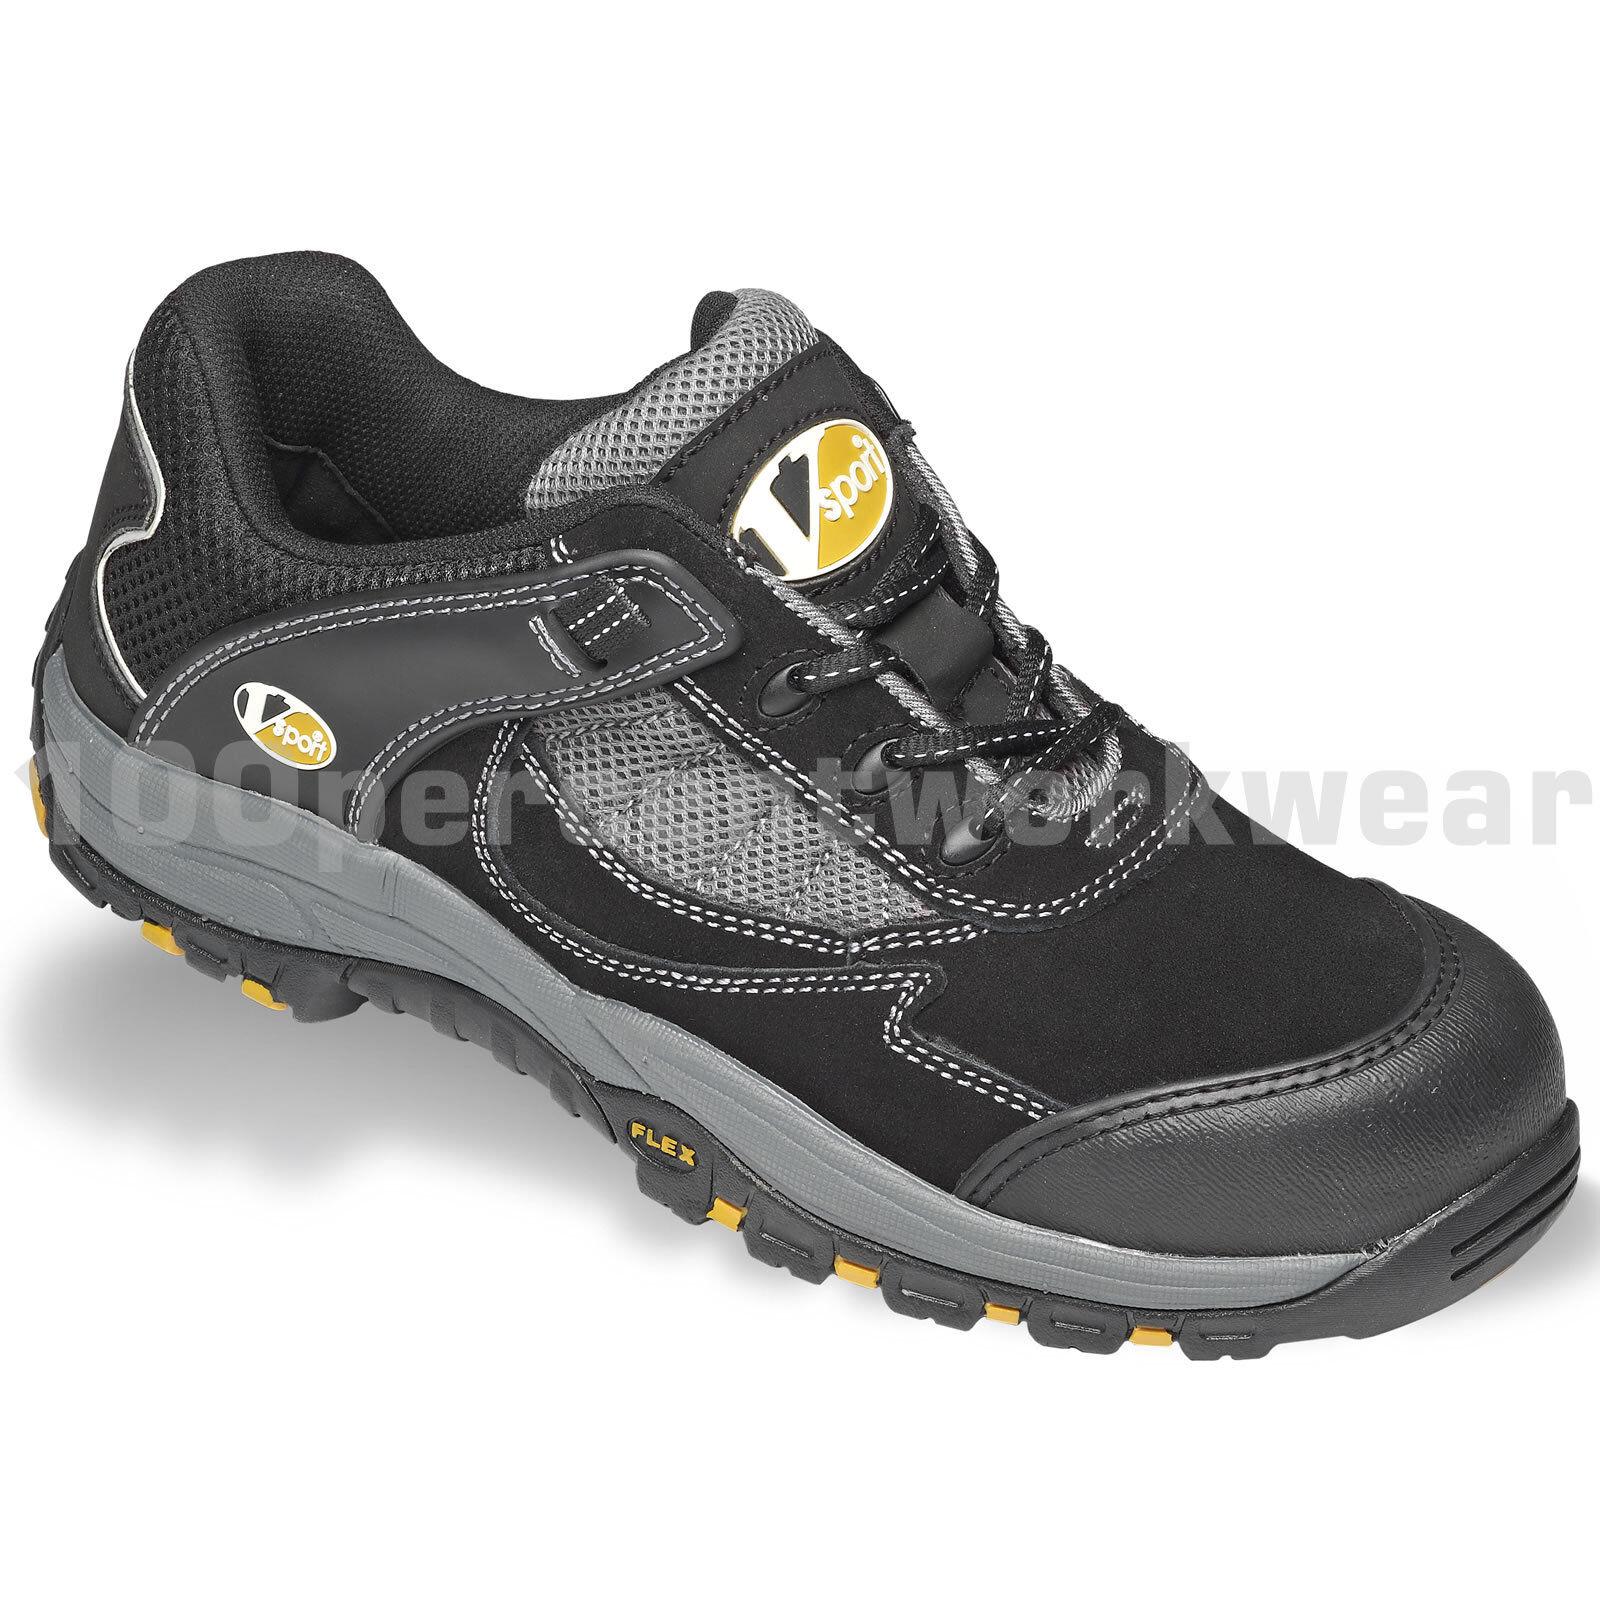 V12 VS300 seguridad Vtech Fastlane Trabajo Zapatillas Zapatos Negro gris Puntera De Gamuza Nuevo